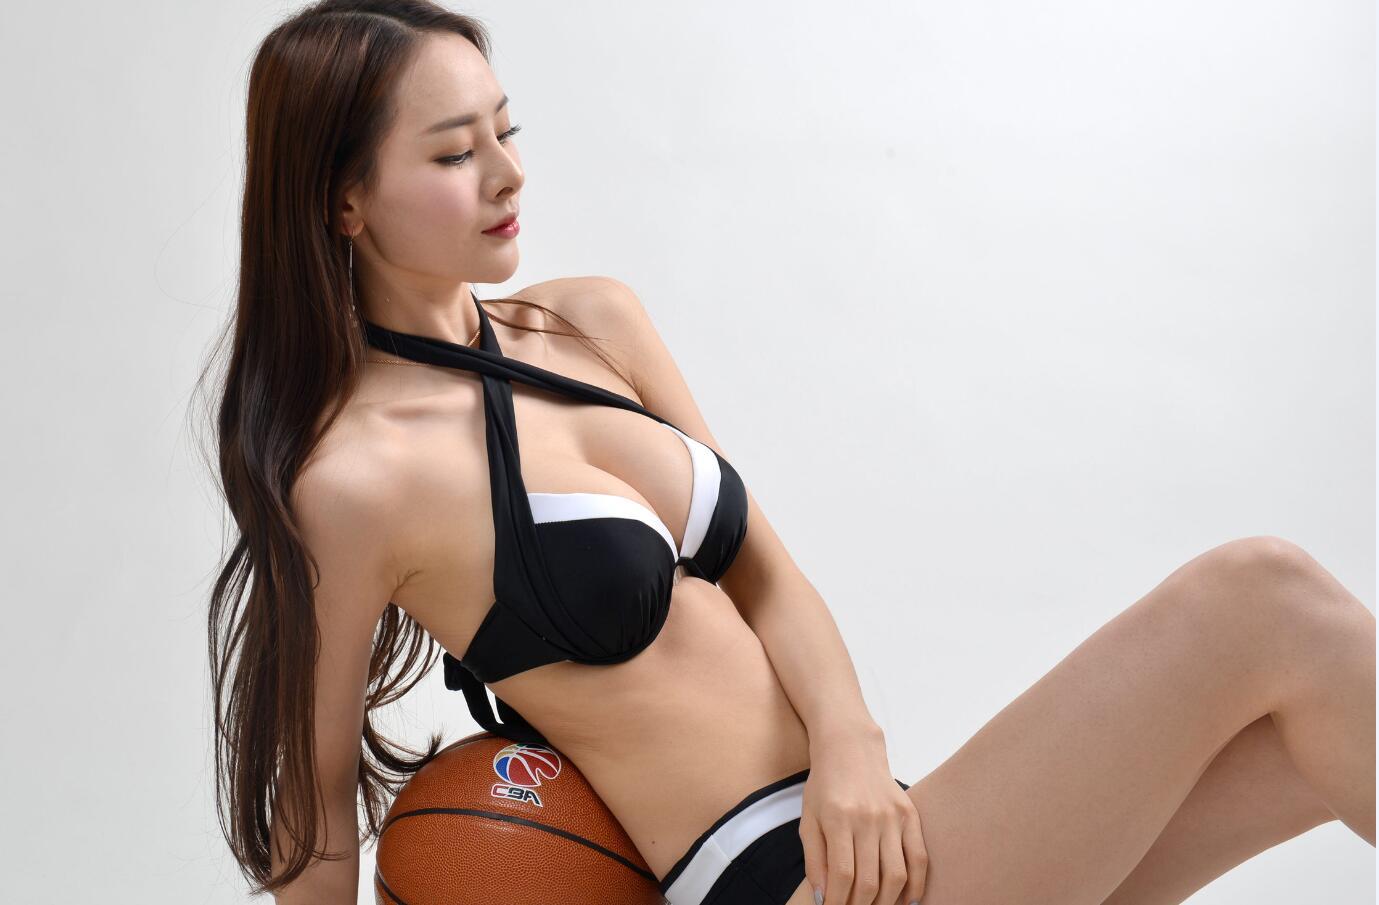 胸模大赛冠军拍写真恭贺四川夺冠 浑圆双乳呼之欲出